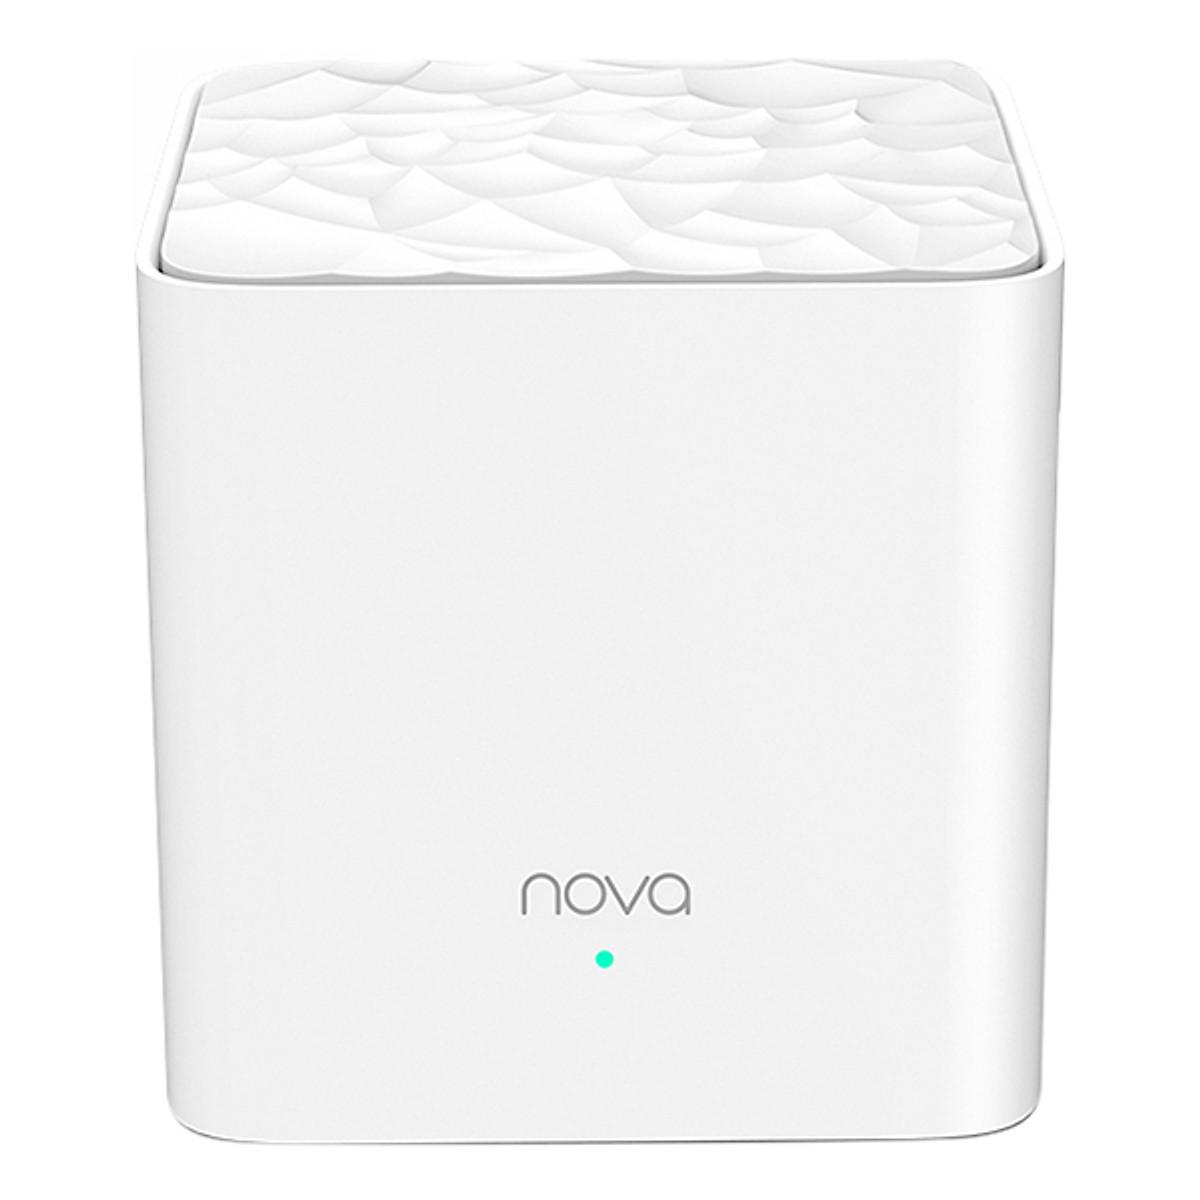 Bộ Phát Wifi Dạng Lưới Mesh Tenda Nova MW3 (1 cái) – Hàng Chính Hãng